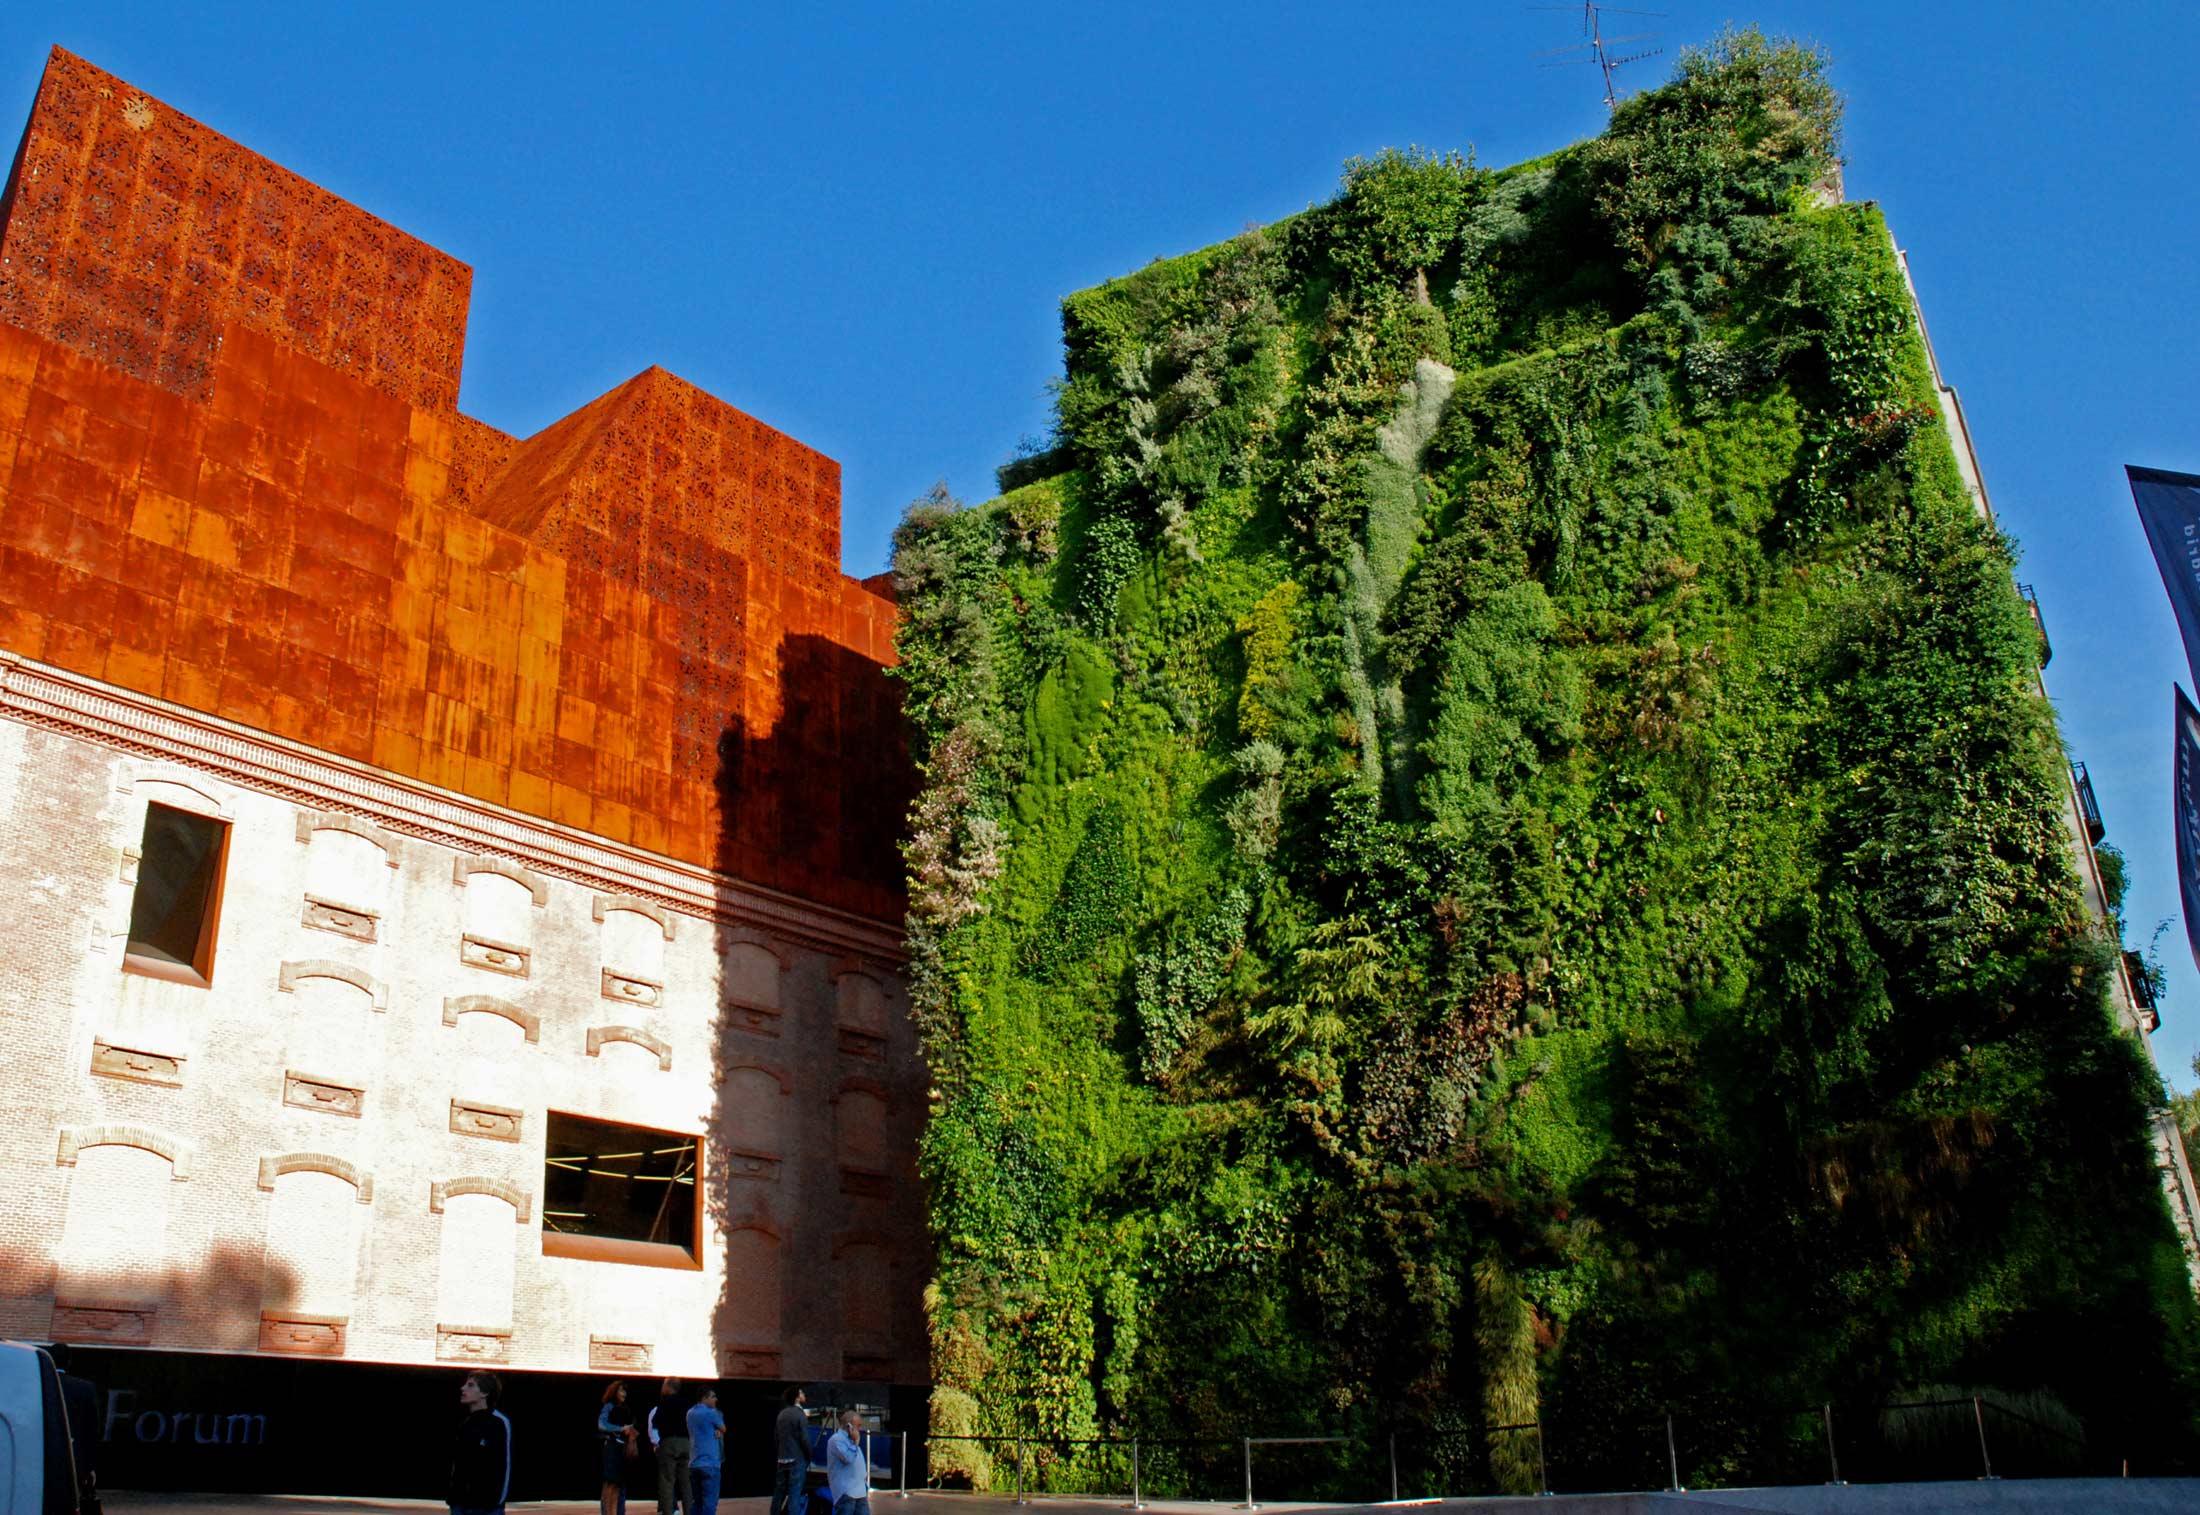 Caixa Forum, Madrid · Caixa Forum, Madrid ...